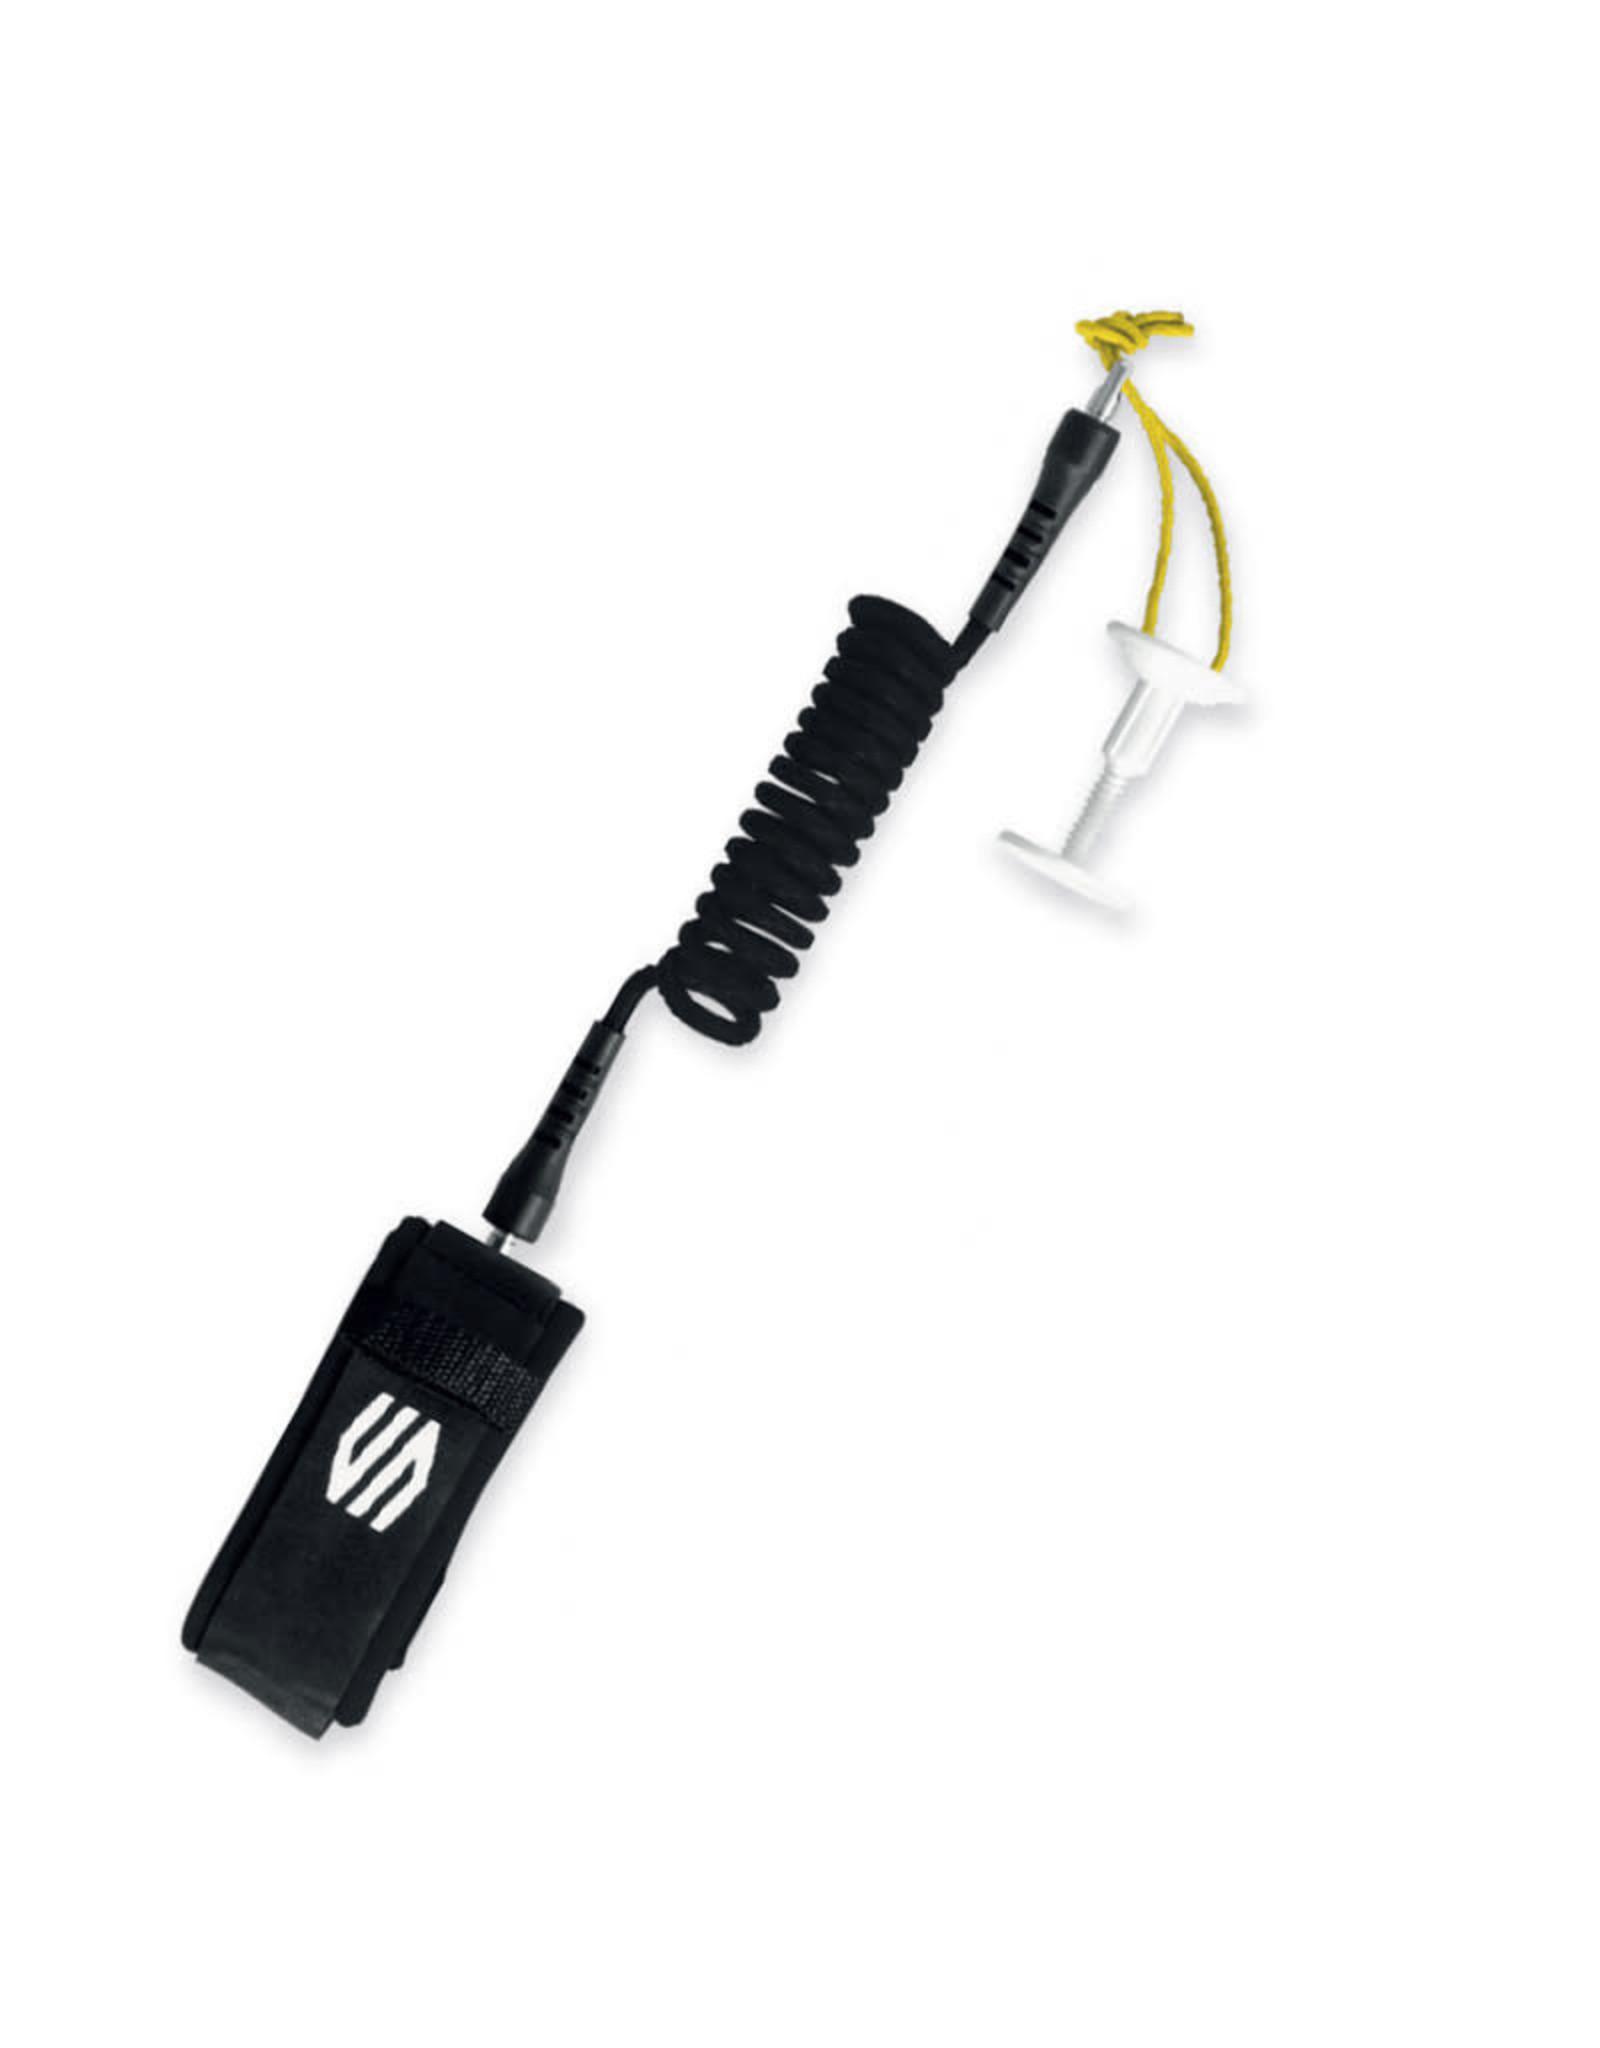 Sniper SNIPER Bodyboard wrist Leash Coiled Deluxe Black